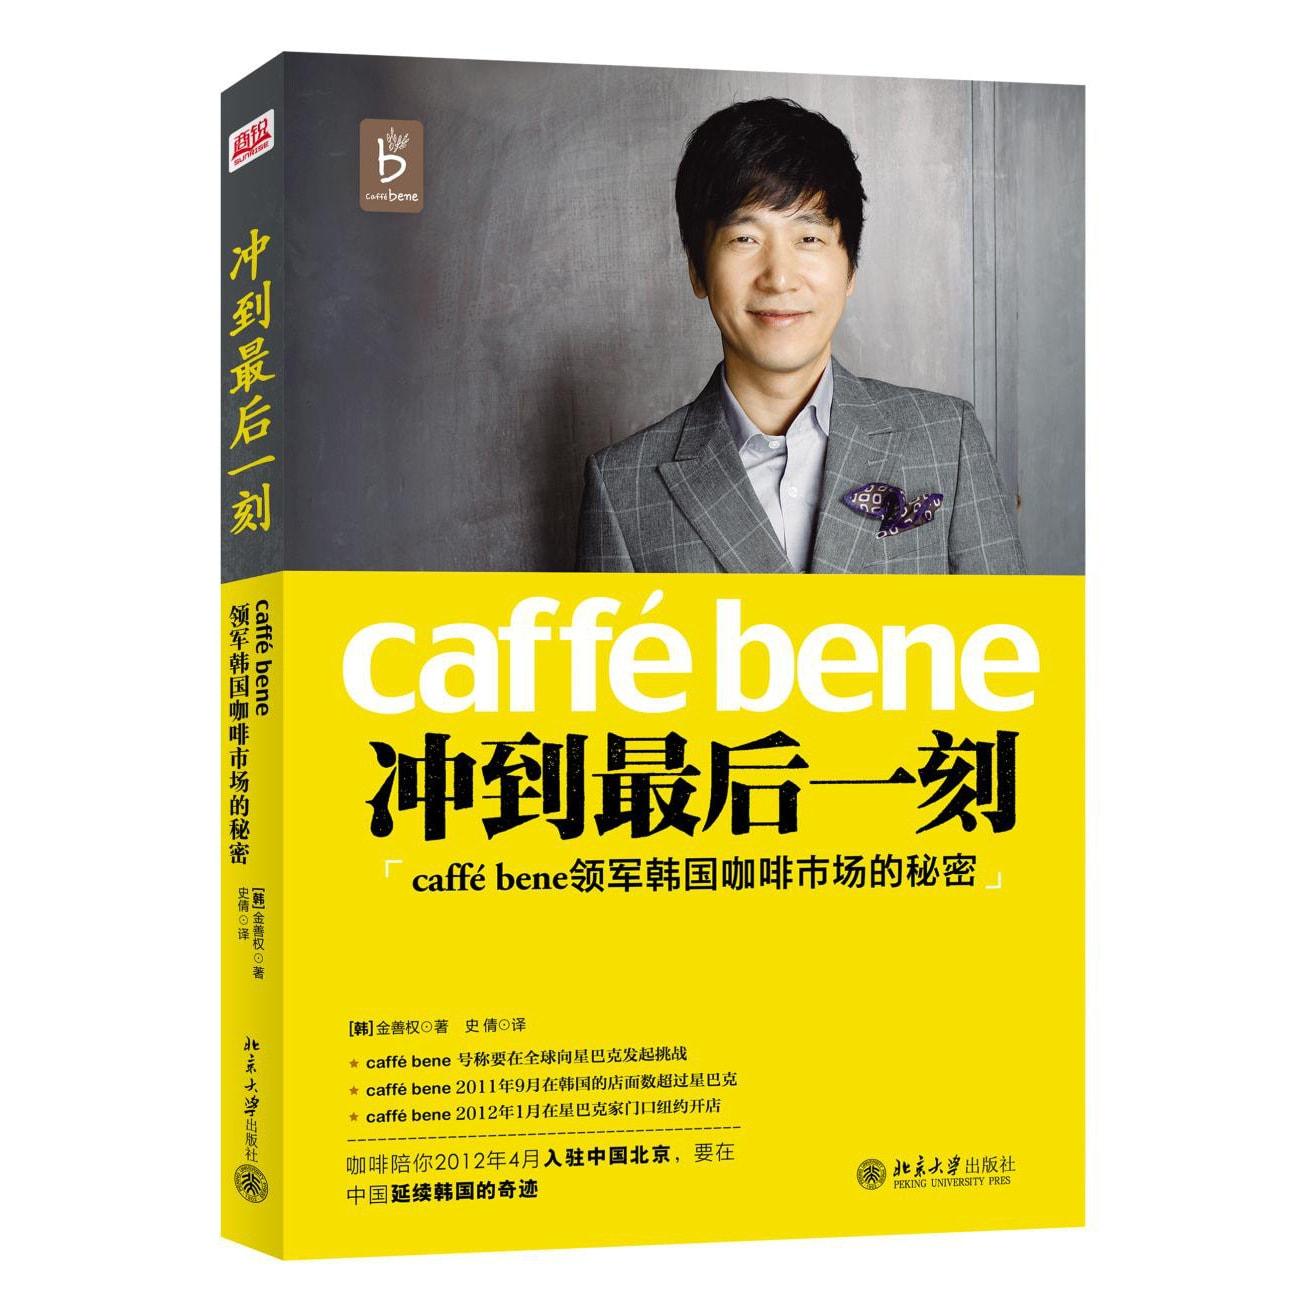 冲到最后一刻:caffé Bene领军韩国咖啡市场的秘密 怎么样 - 亚米网